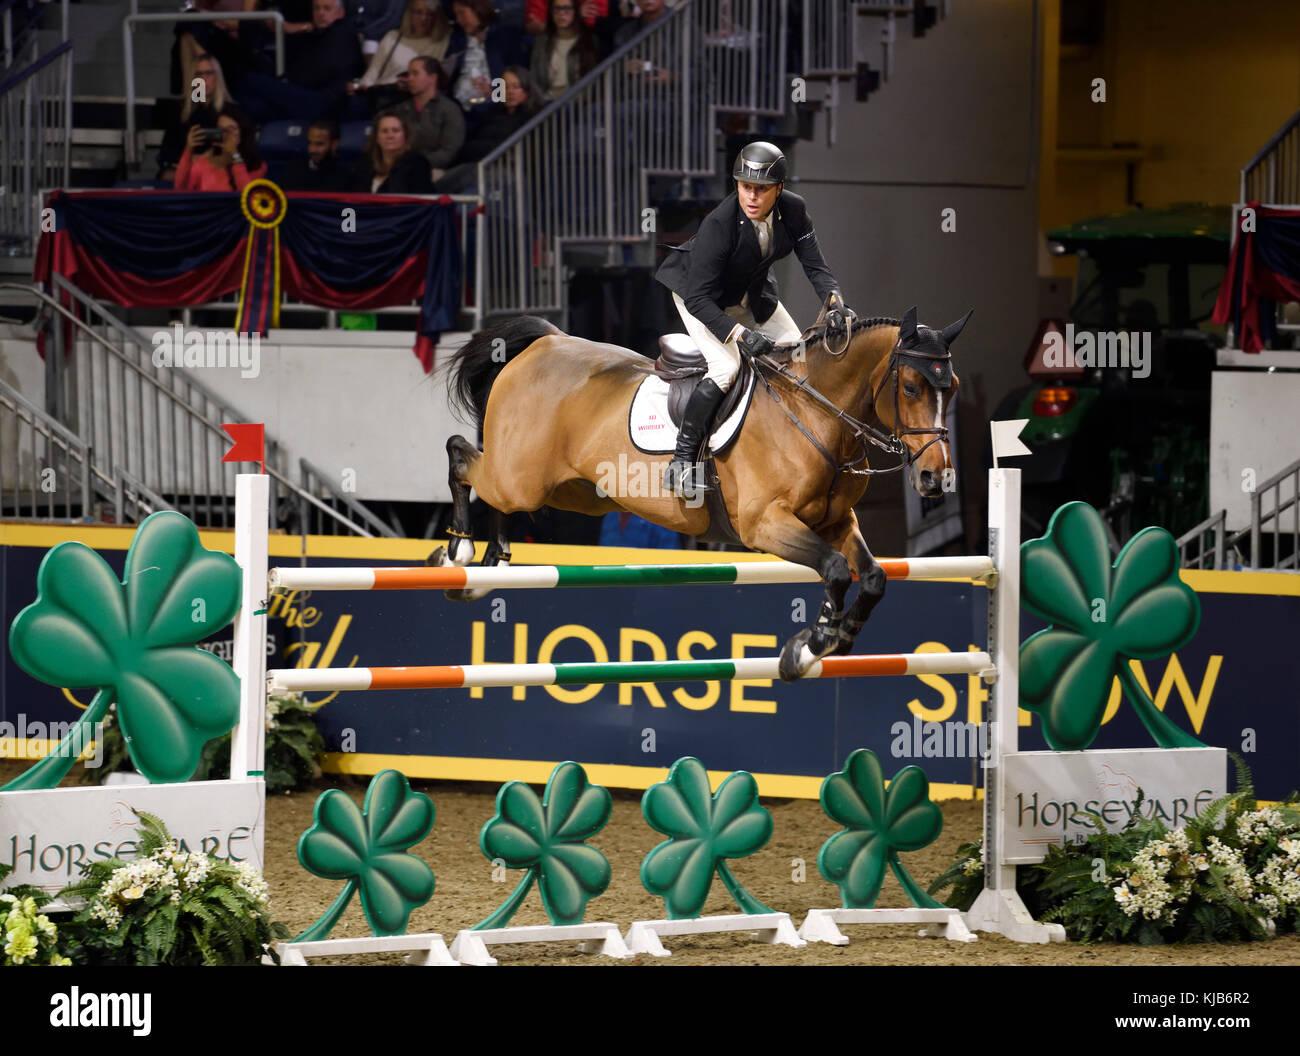 Sharn Wordley Nuova Zelanda Barnetta di equitazione al terzo posto nel Longines FEI World Cup Show Jumping concorrenza Immagini Stock